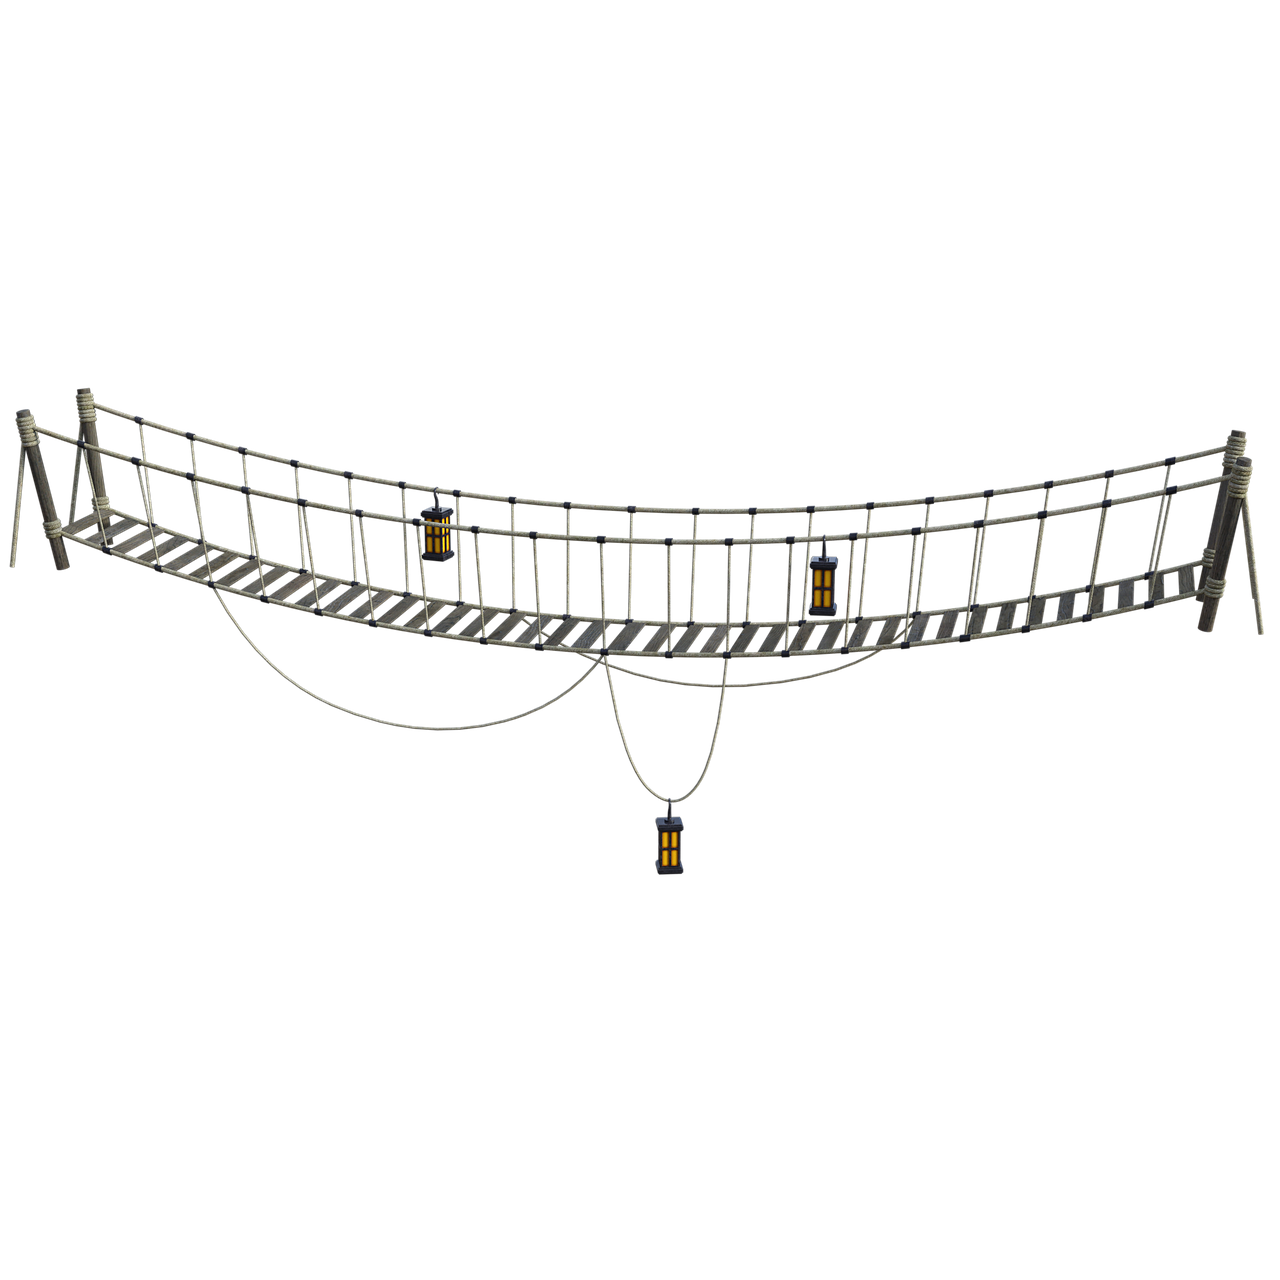 сети постер подвесной канатный мост хофф преддверье праздника наша